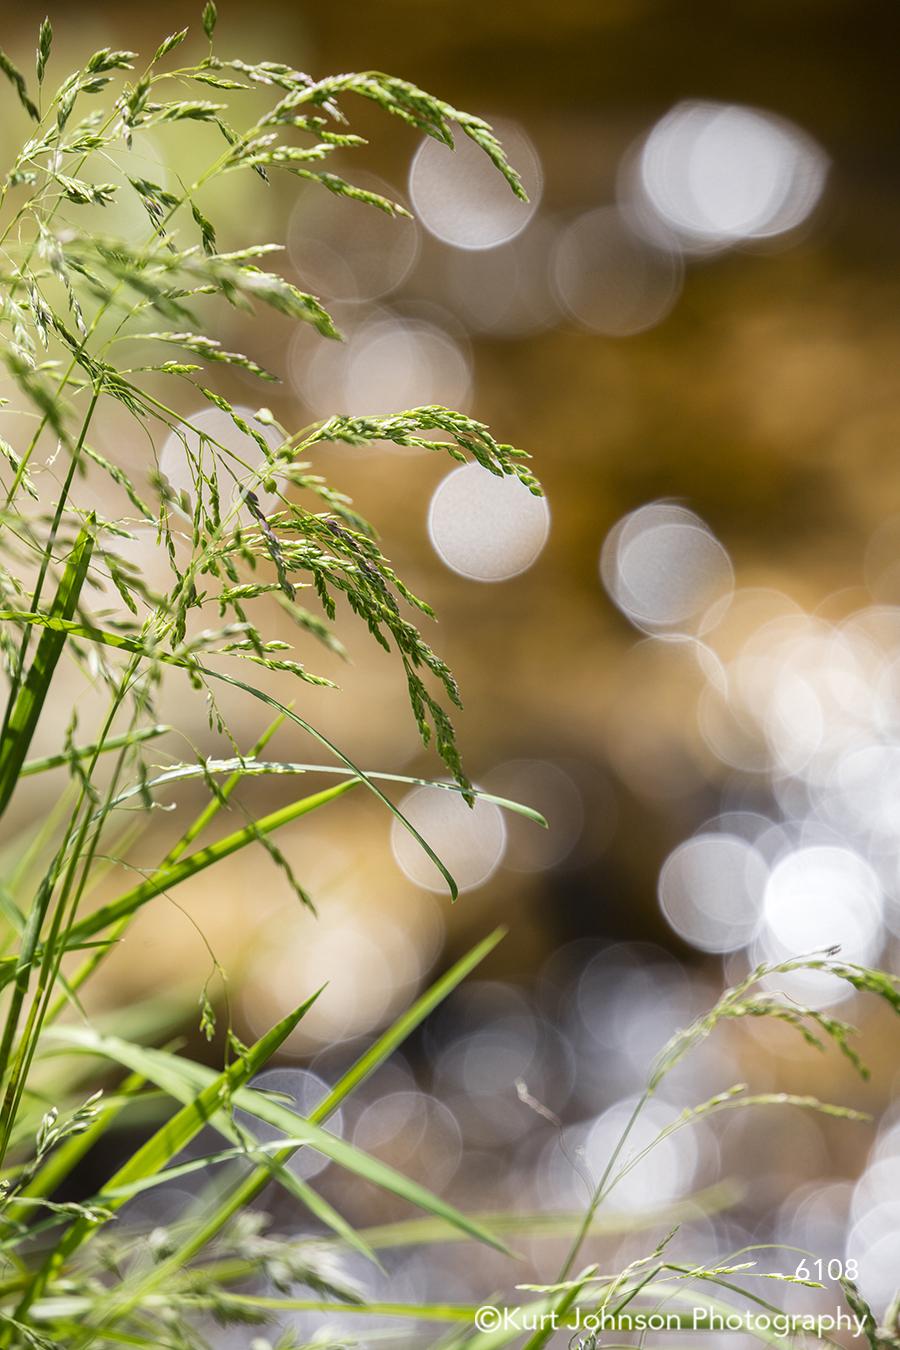 green grass grasses texture pattern bokeh detail up close